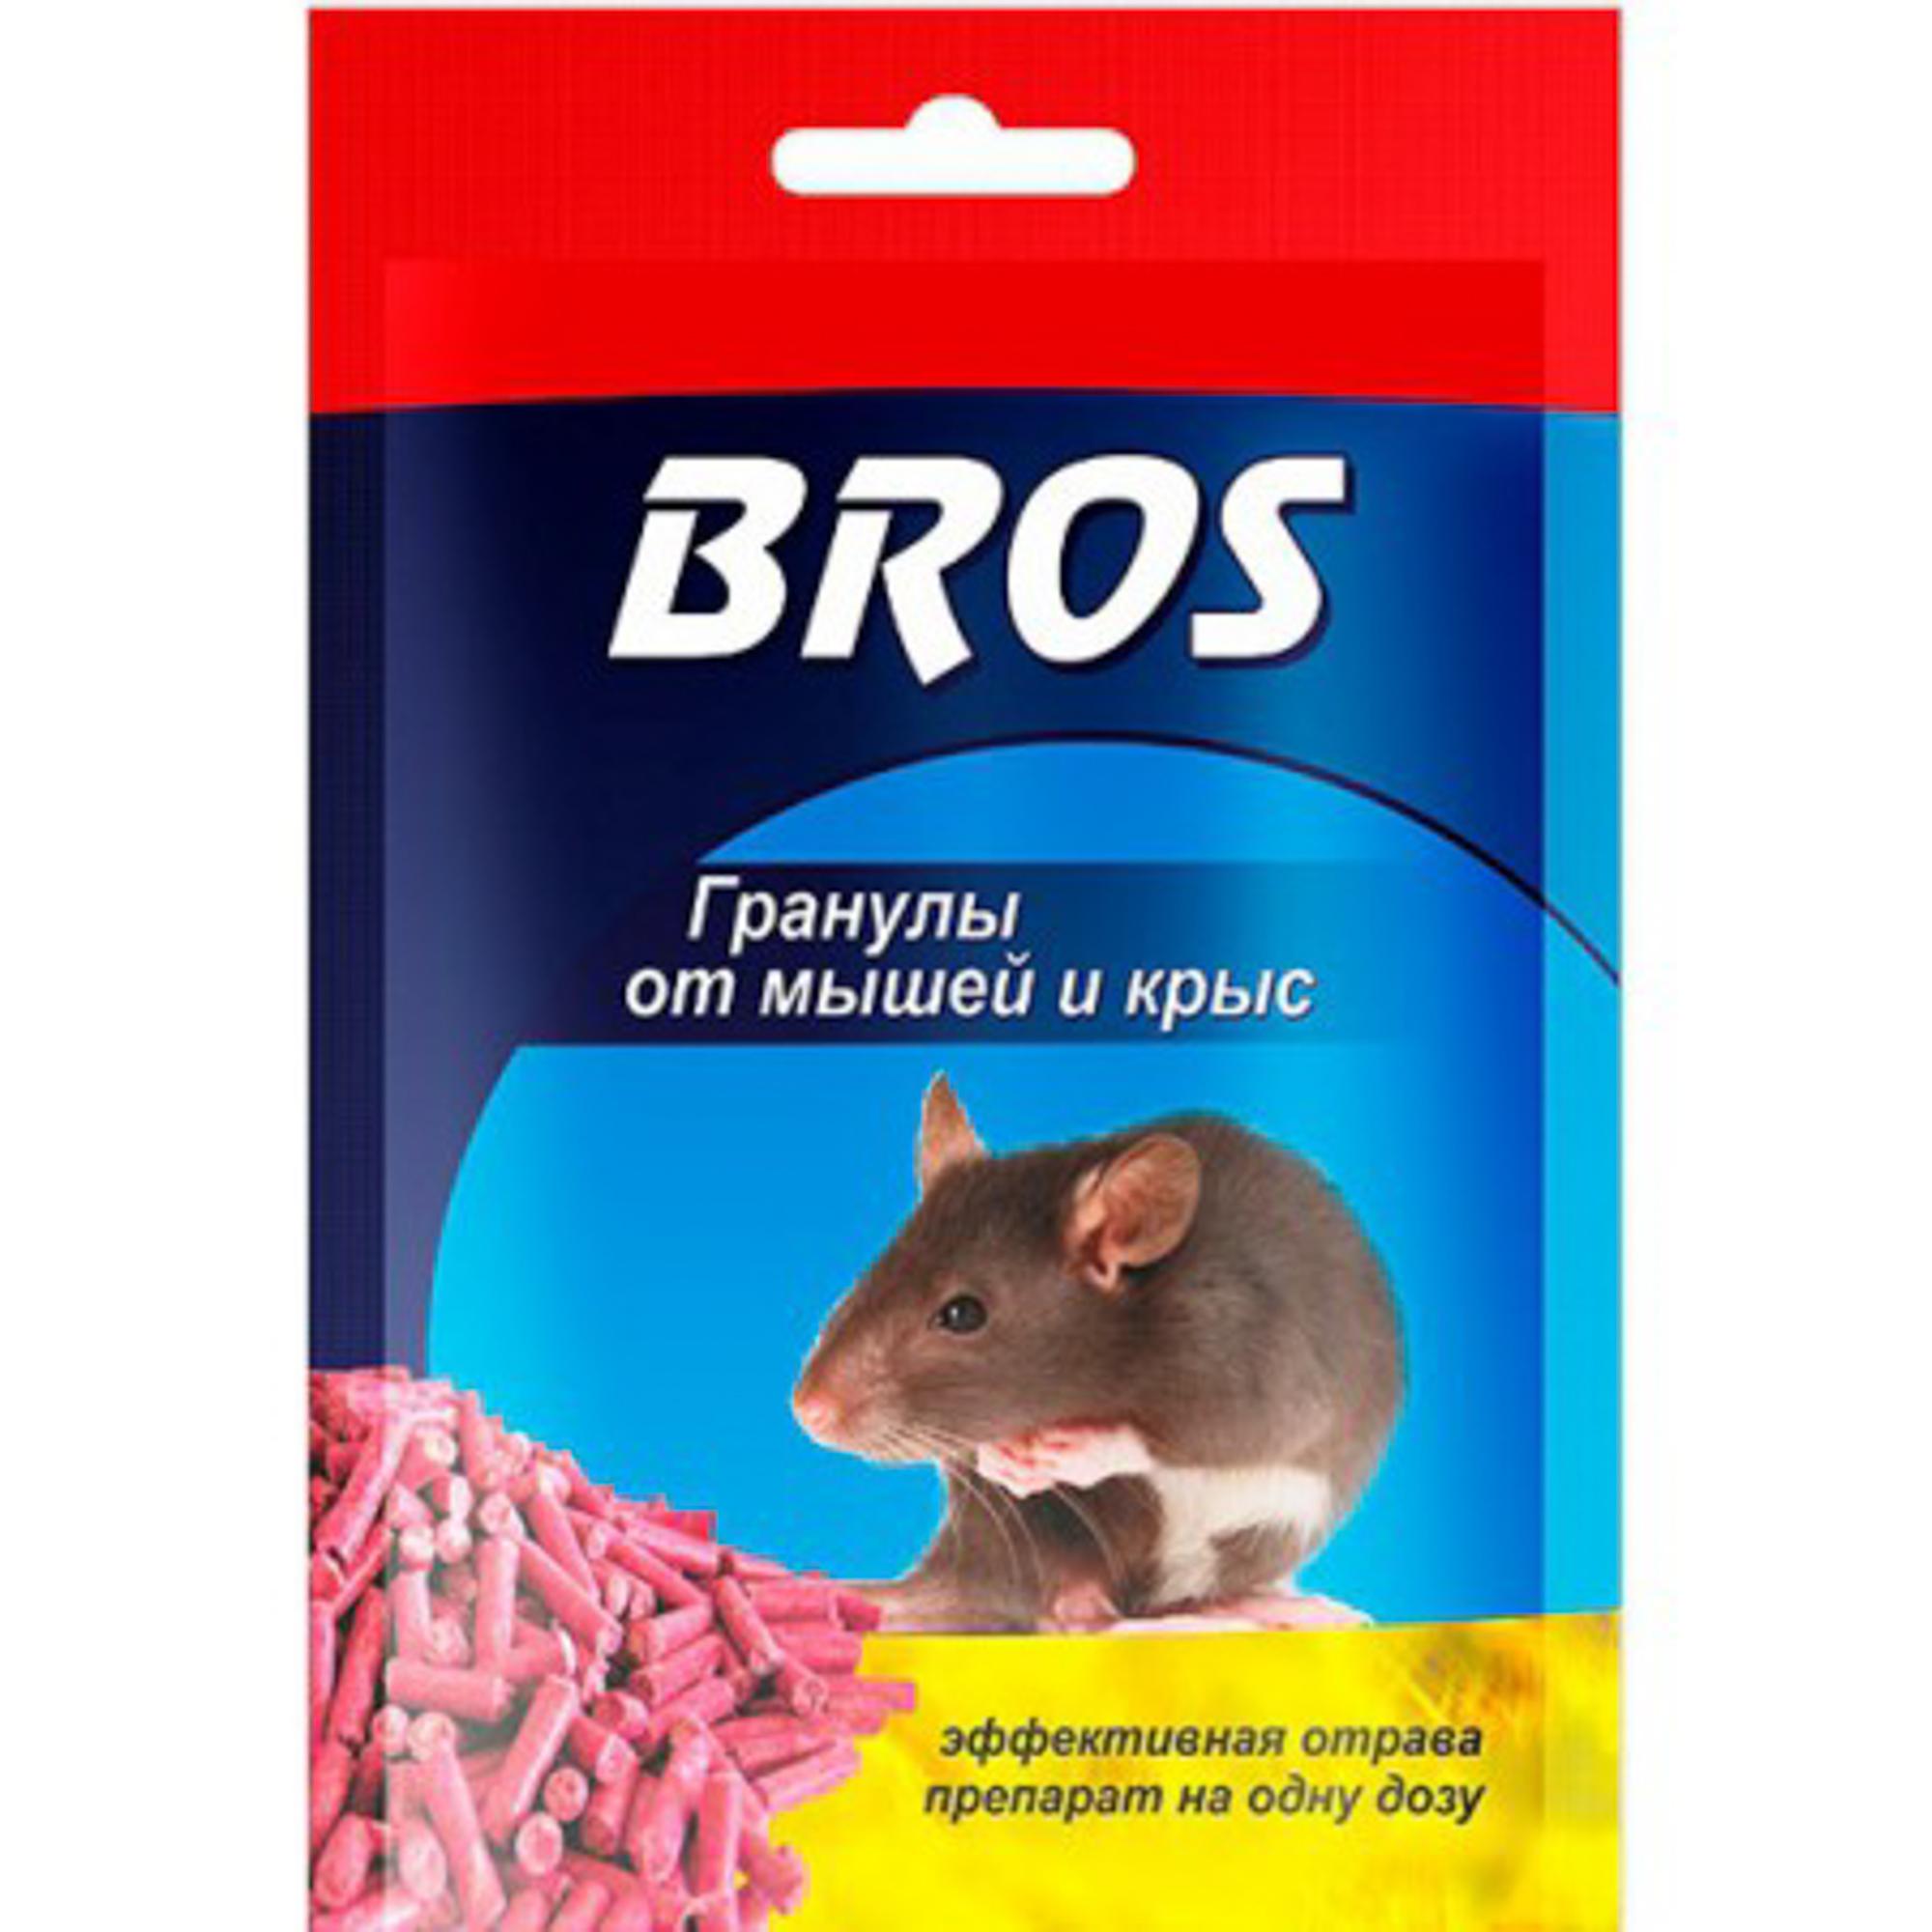 Гранулы BROS от крыс и мышей в пакетике 90 г фото